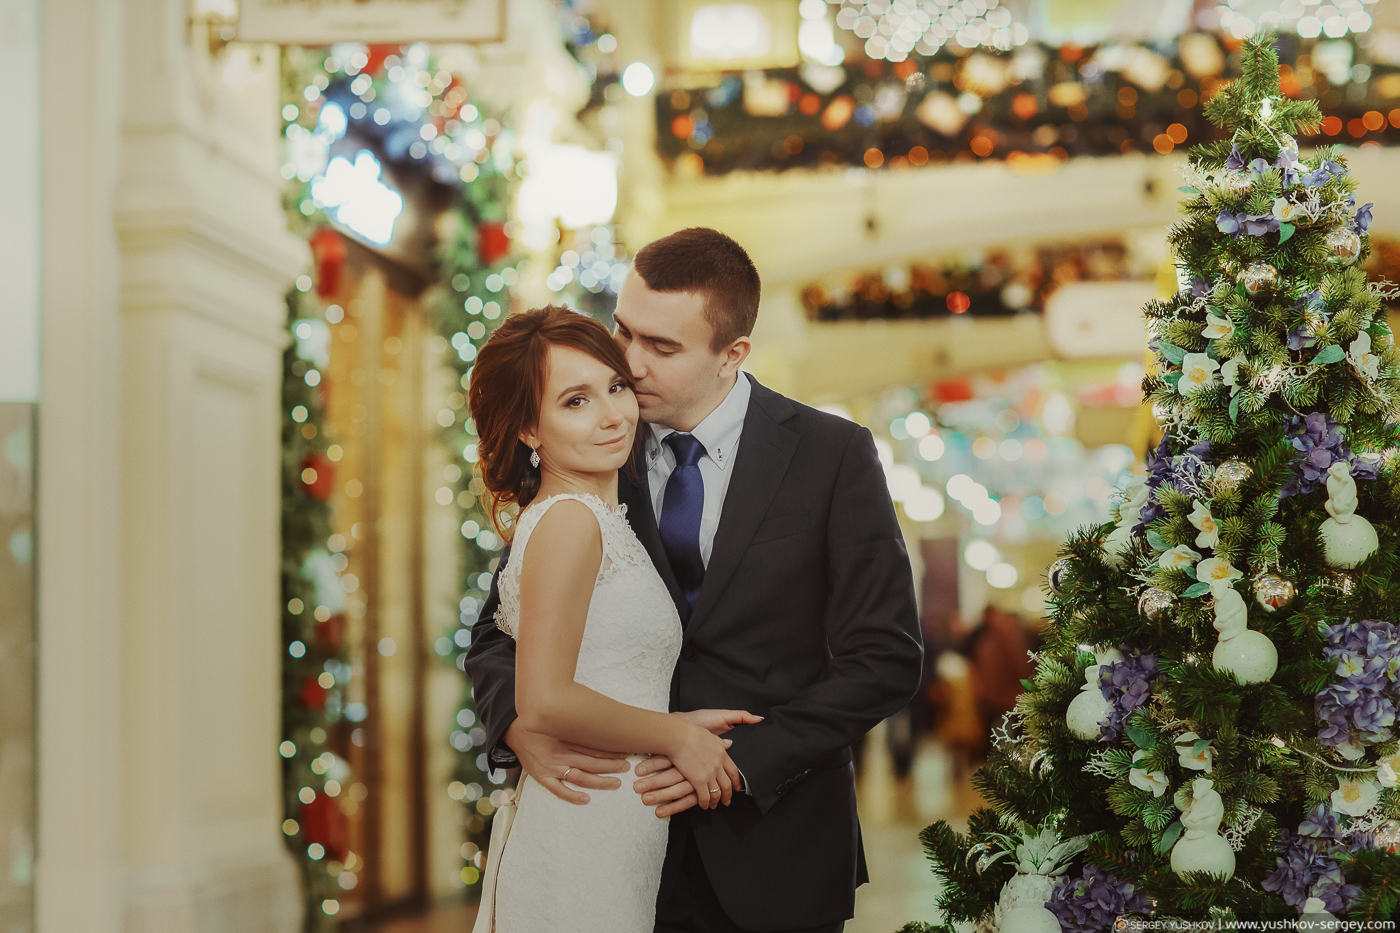 Зимняя фотосессия «Свадьба для двоих» в Москве в парке Царицыно и ГУМе